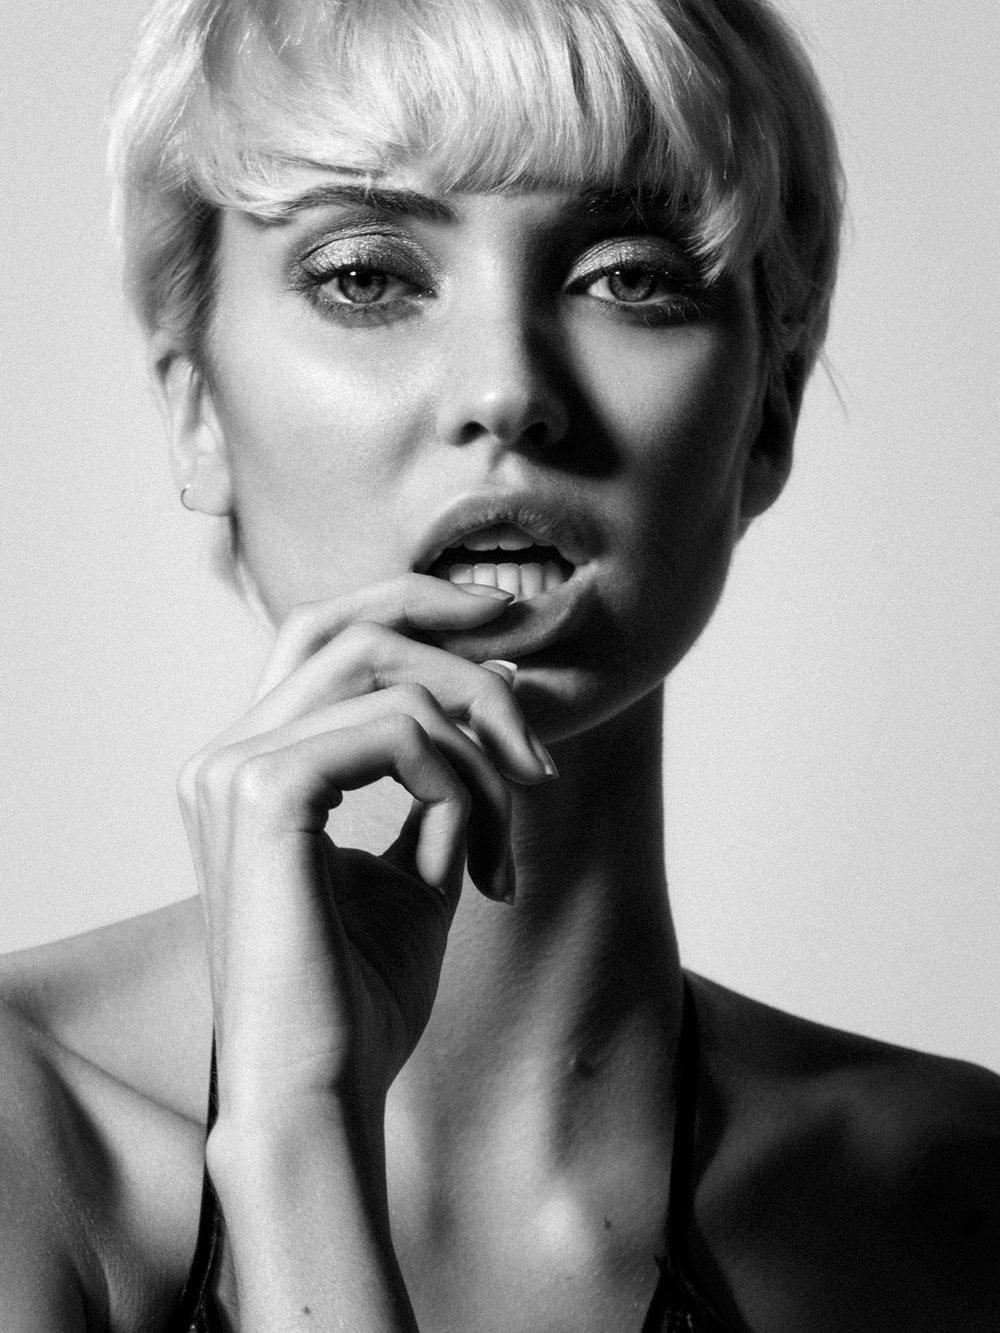 Vicky_Beauty.jpg